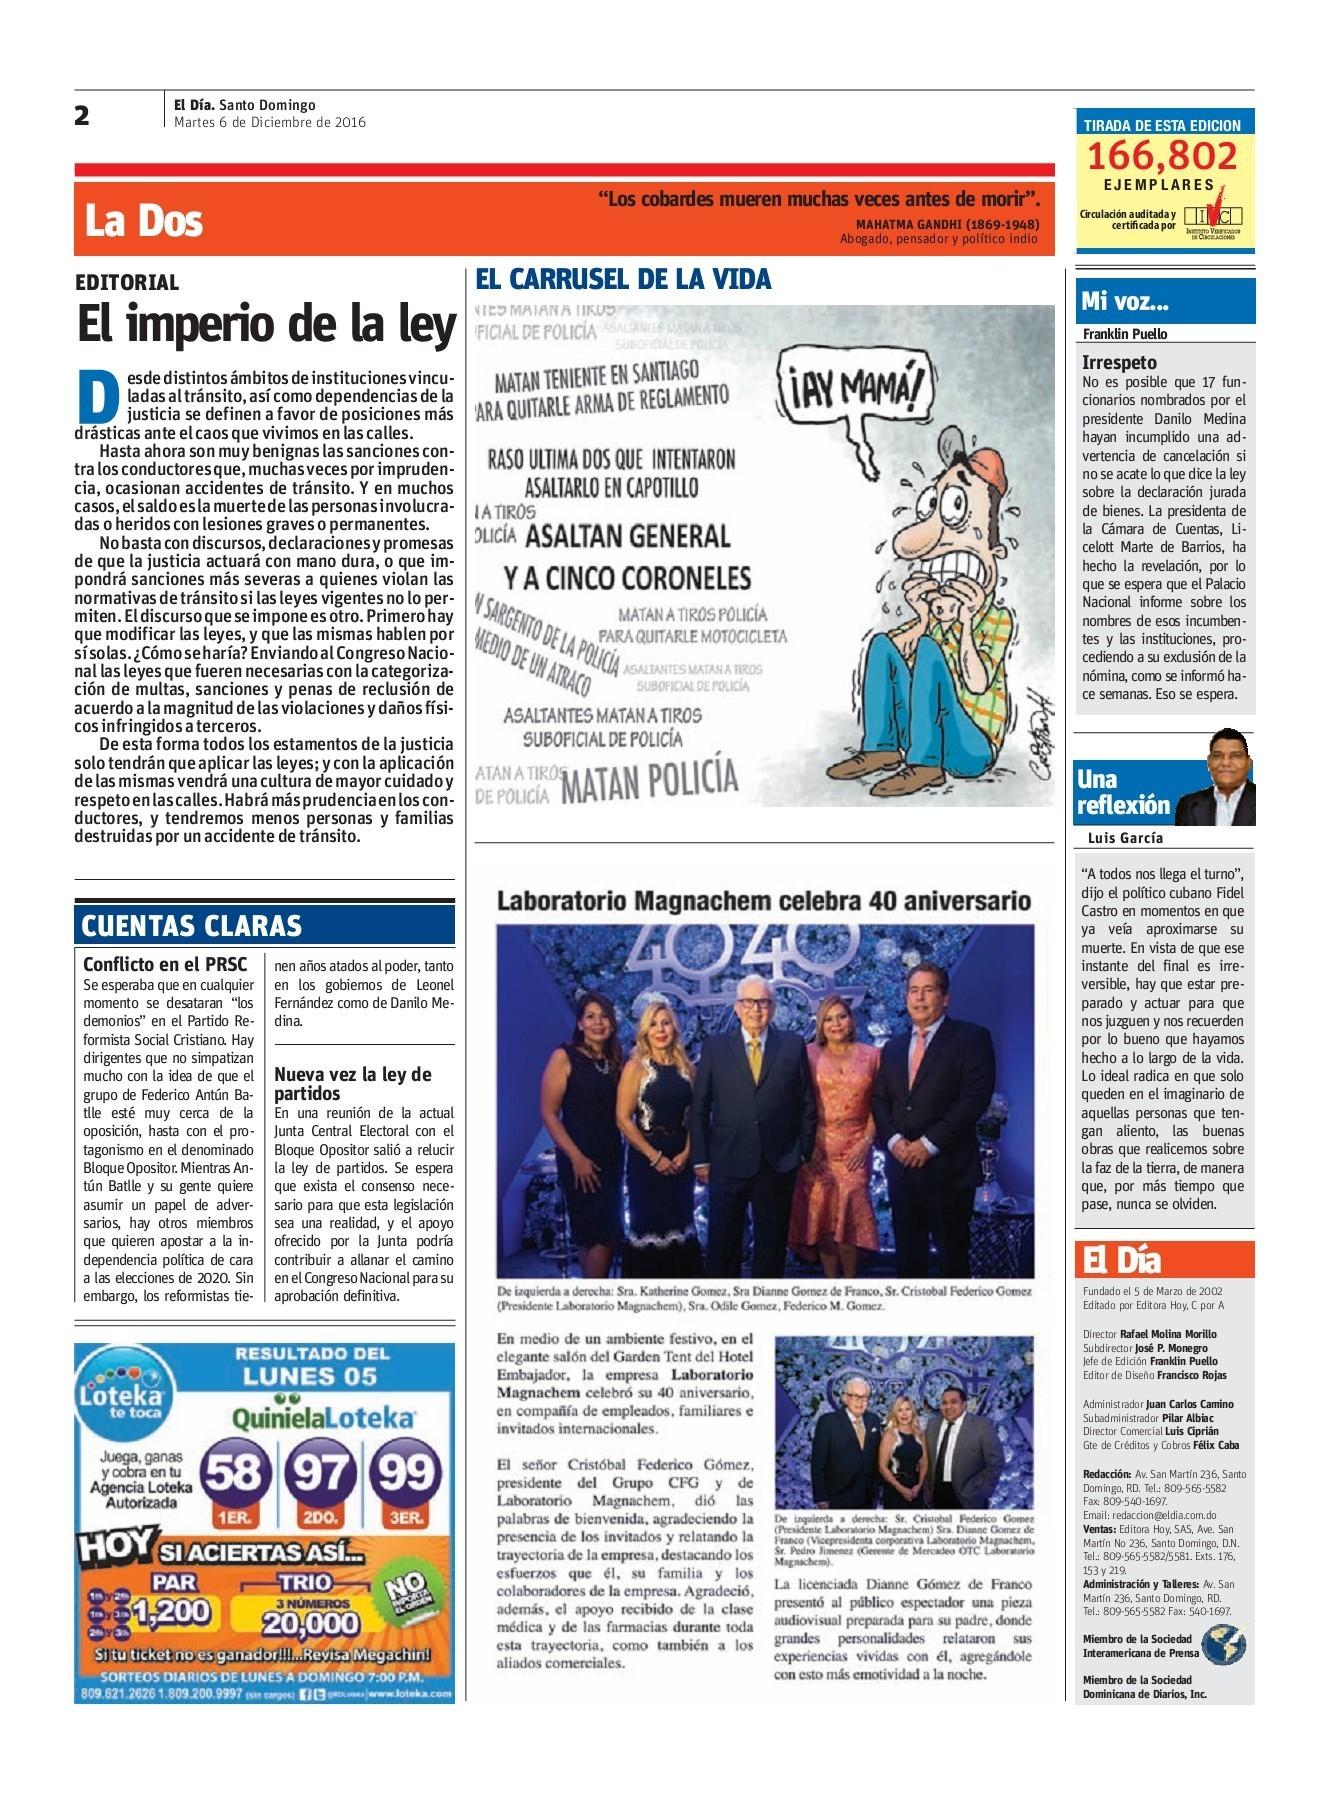 Calendario Laboral 2019 formentera Recientes Fotos De Ana Luca Domnguez Galeras Mujeres Edicin Impresa Of Calendario Laboral 2019 formentera Más Recientes 26 10 15 Md